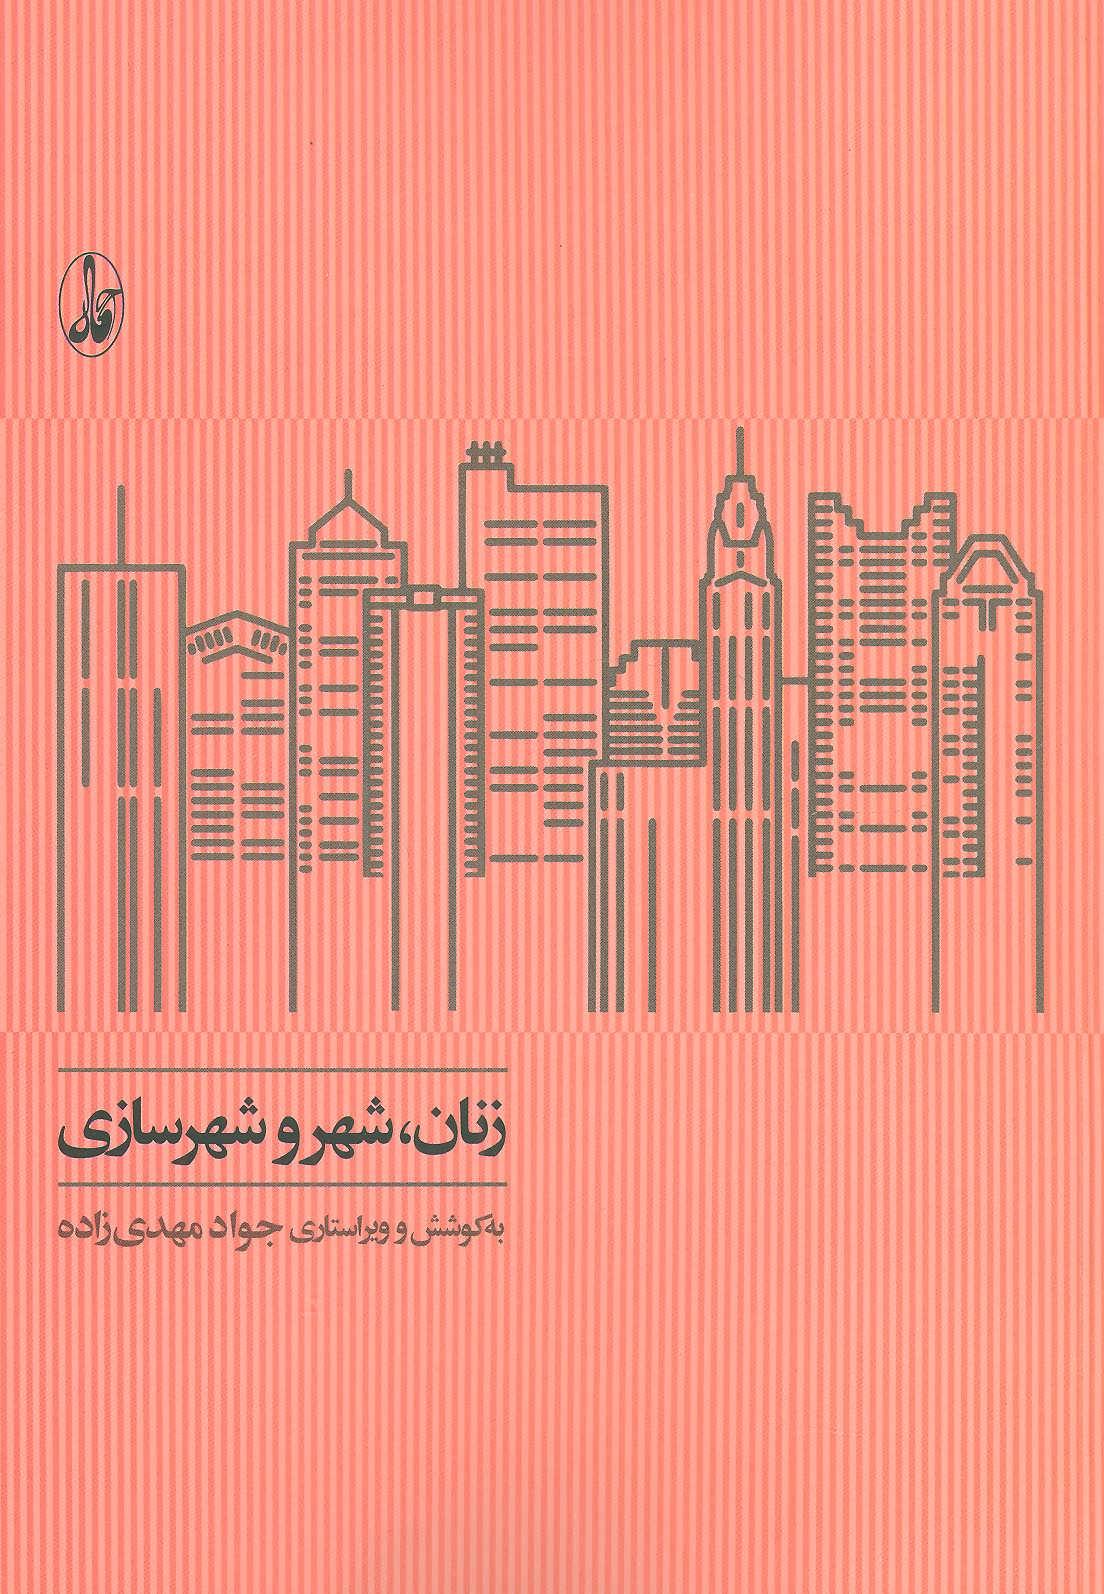 زنان،شهر و شهرسازی